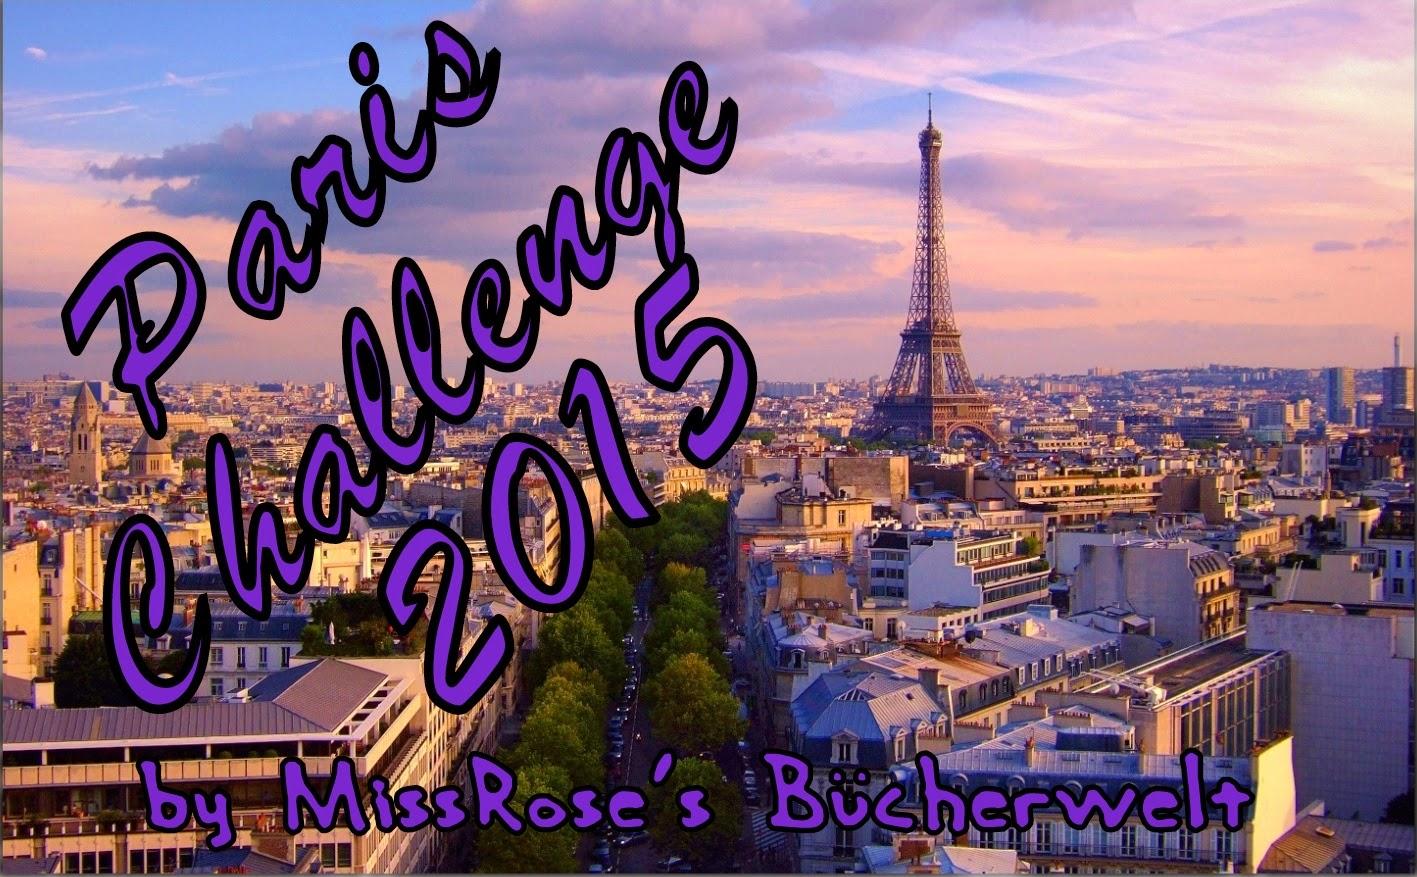 http://missrosesbuecherwelt.blogspot.de/p/blog-page_20.html